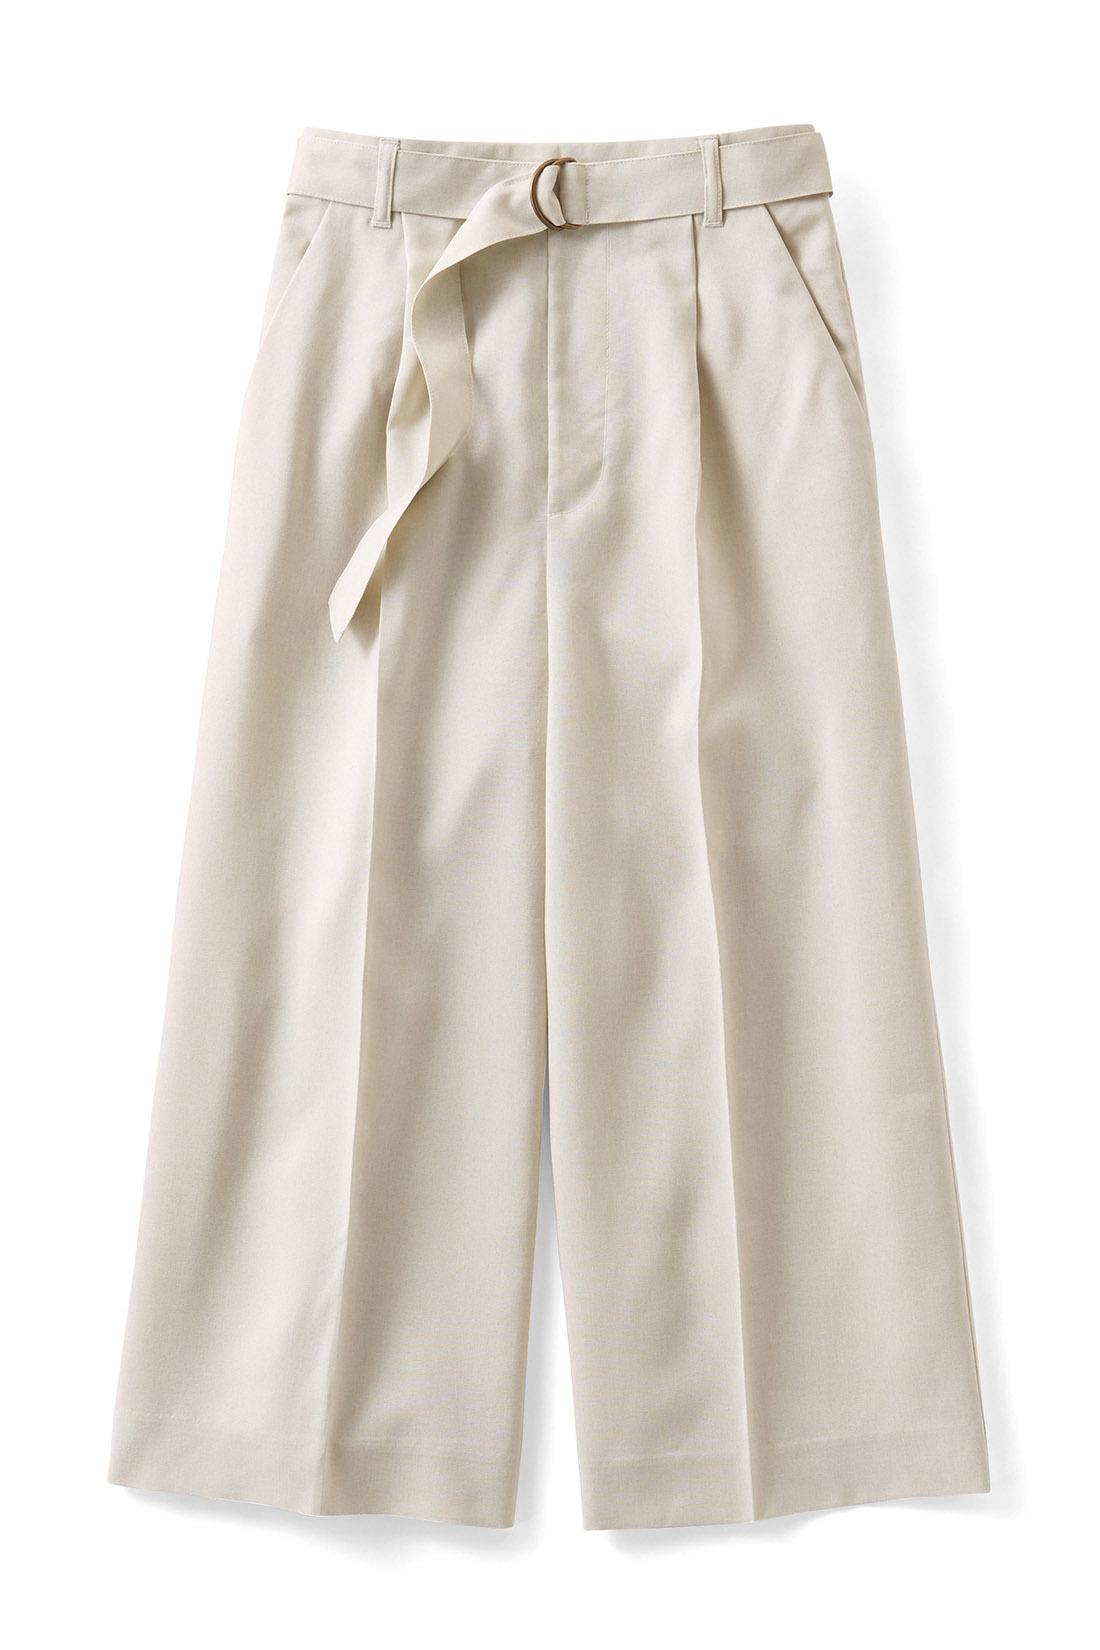 夏らしく涼しげな〈アイボリー〉 共布のベルト付き ウエストマークで女っぷりを強調して。 センタープレス&クロップド丈 縦ラインの視覚効果で美脚度アップ。ひざが隠れる丈感が見た目も涼やか。